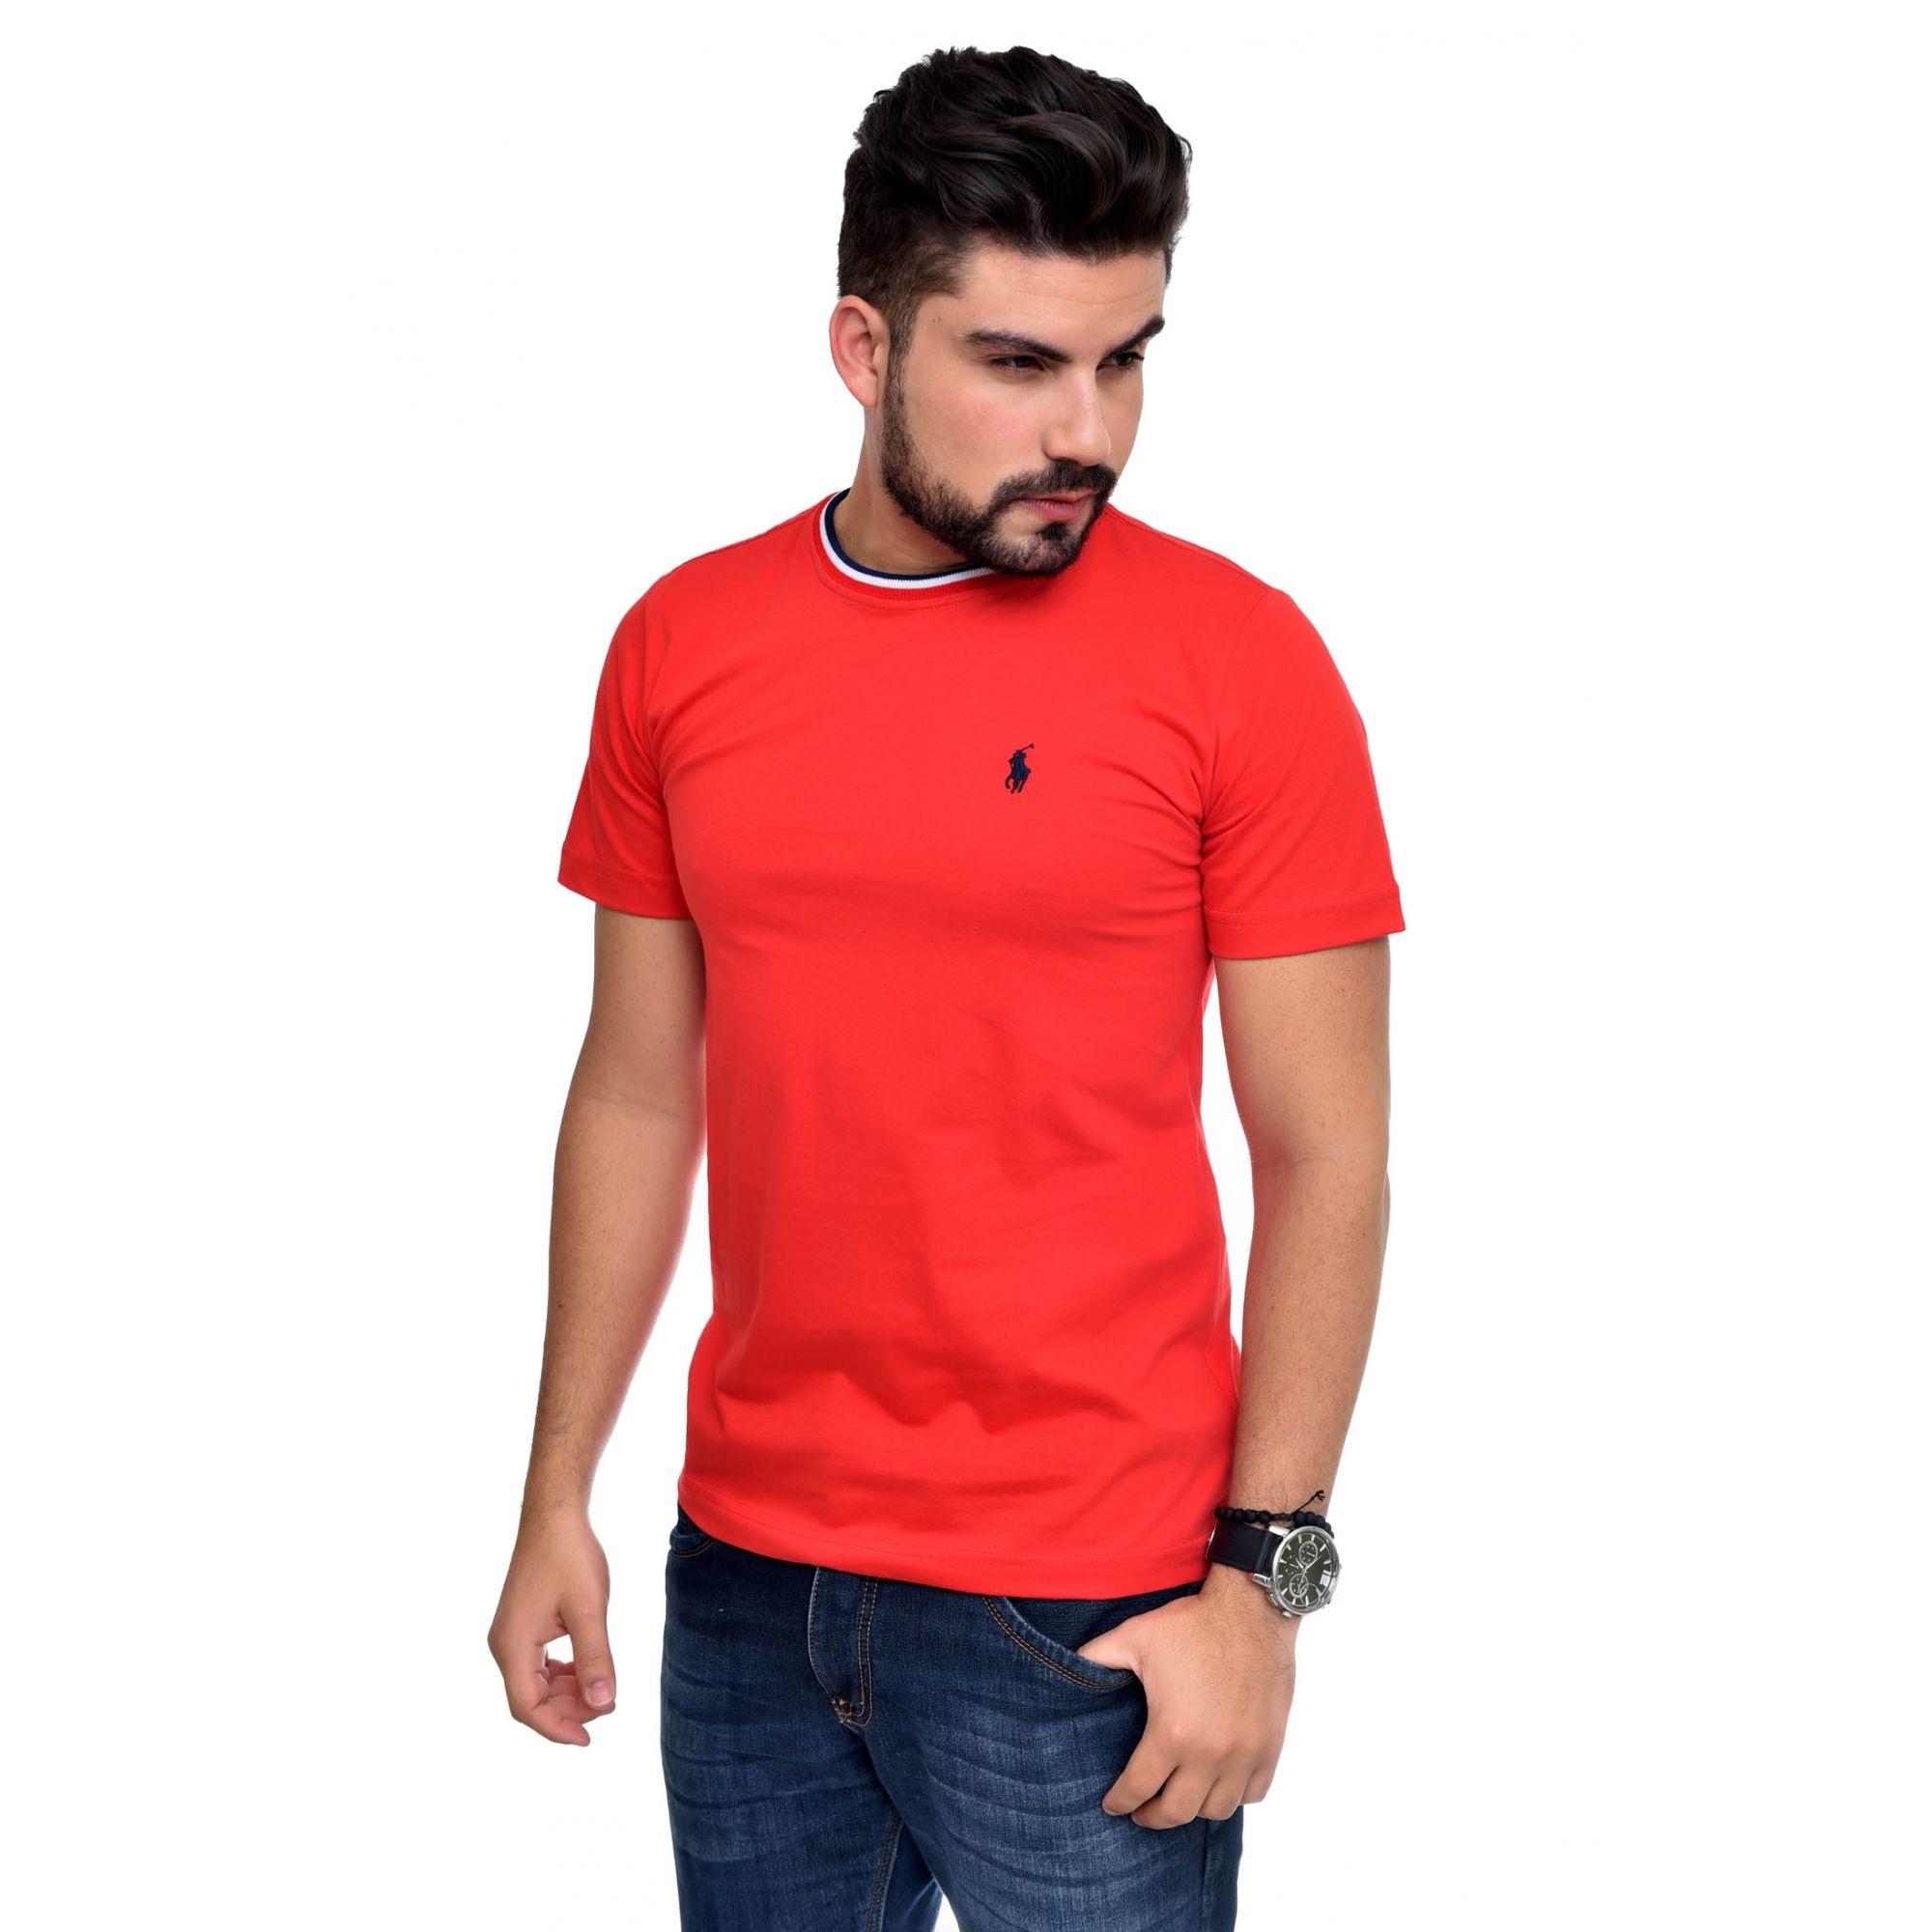 Camiseta RL Vermelha TR